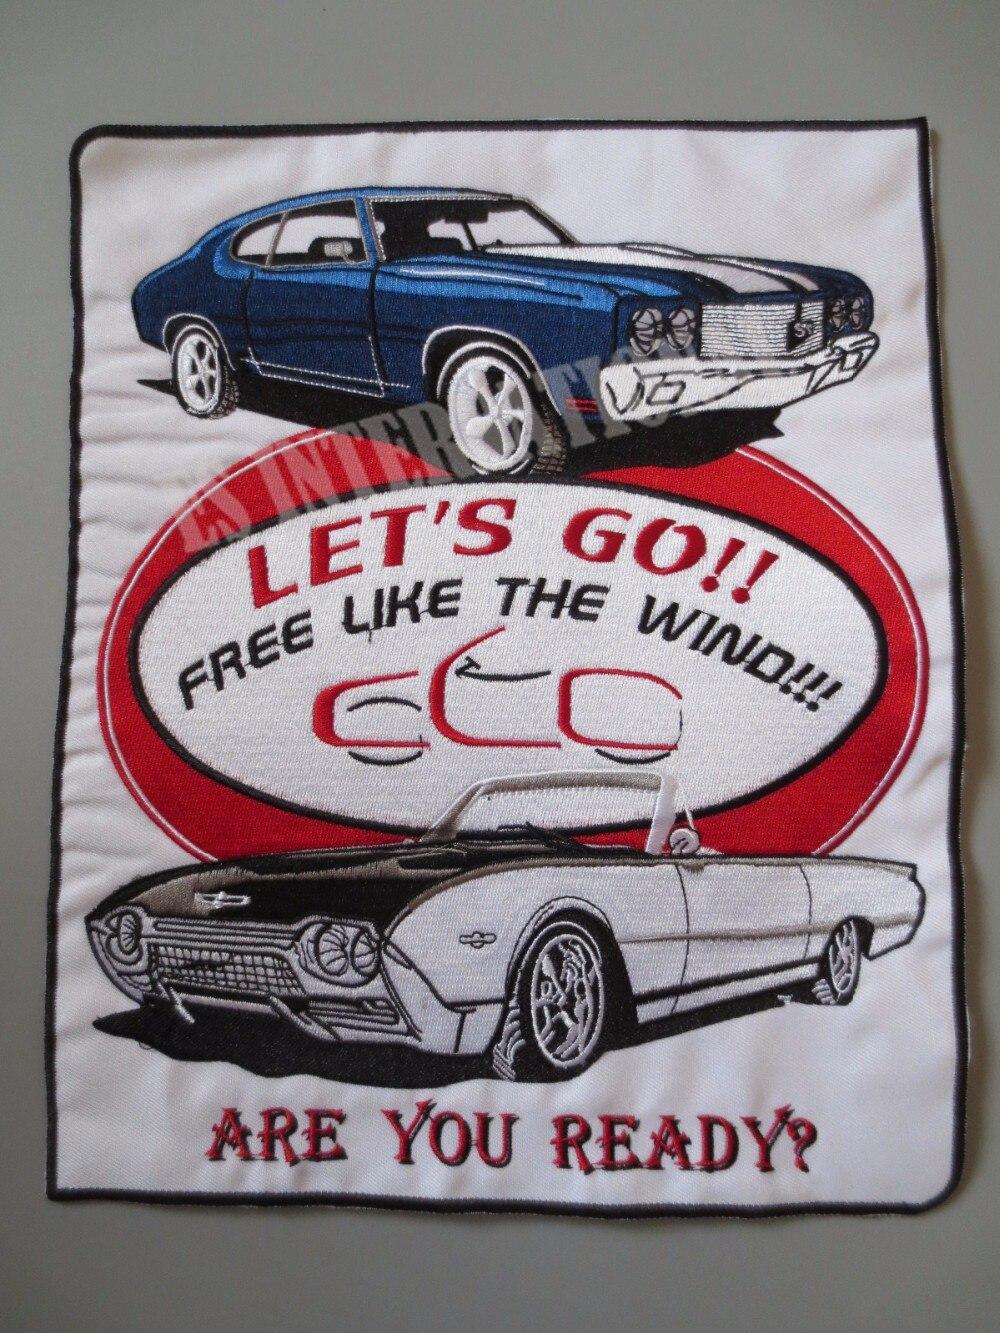 11.6 Inches Cars Grote Borduurwerk Patches Voor Jacket Terug Vest Motorfiets Club Biker Mc Naai Let's Gaan! Gratis Als De Wind!